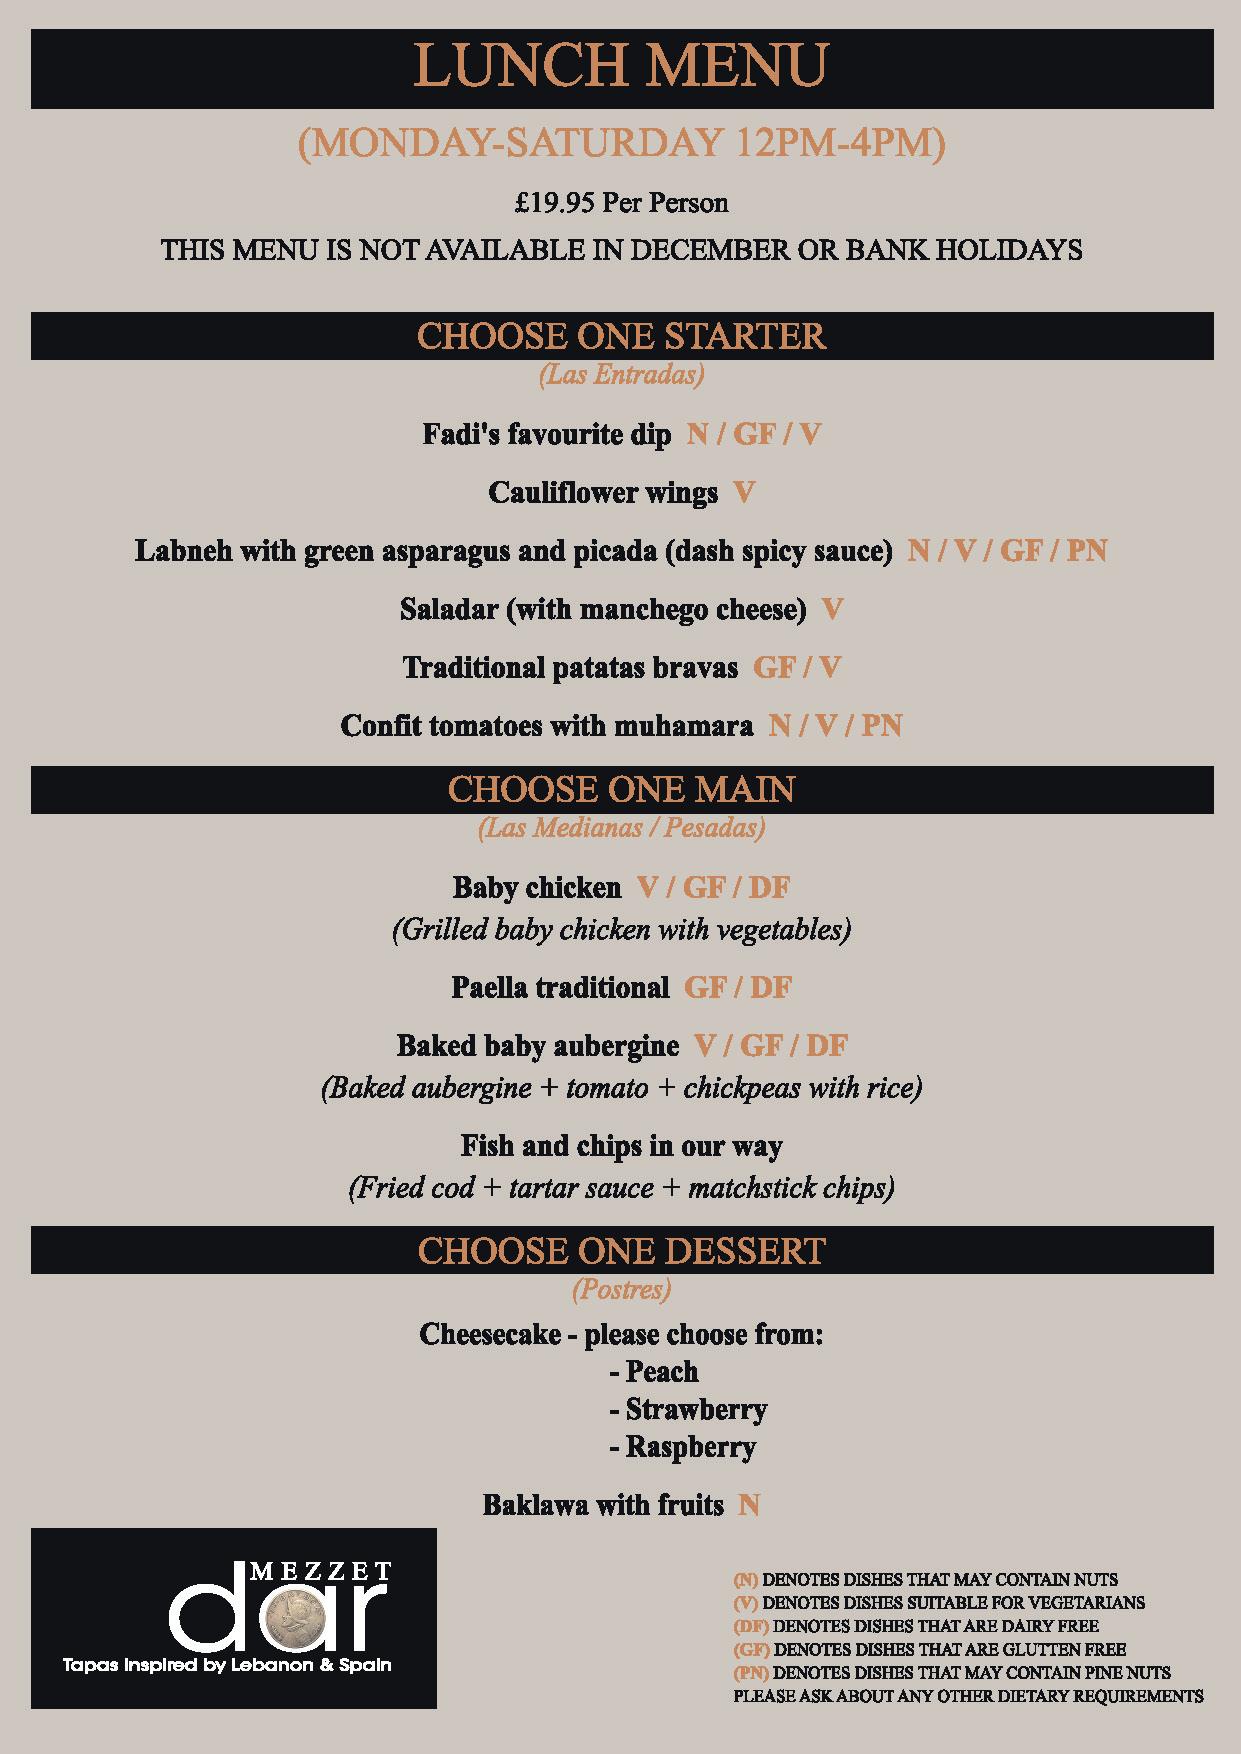 Mezzet Dar Lunch May21